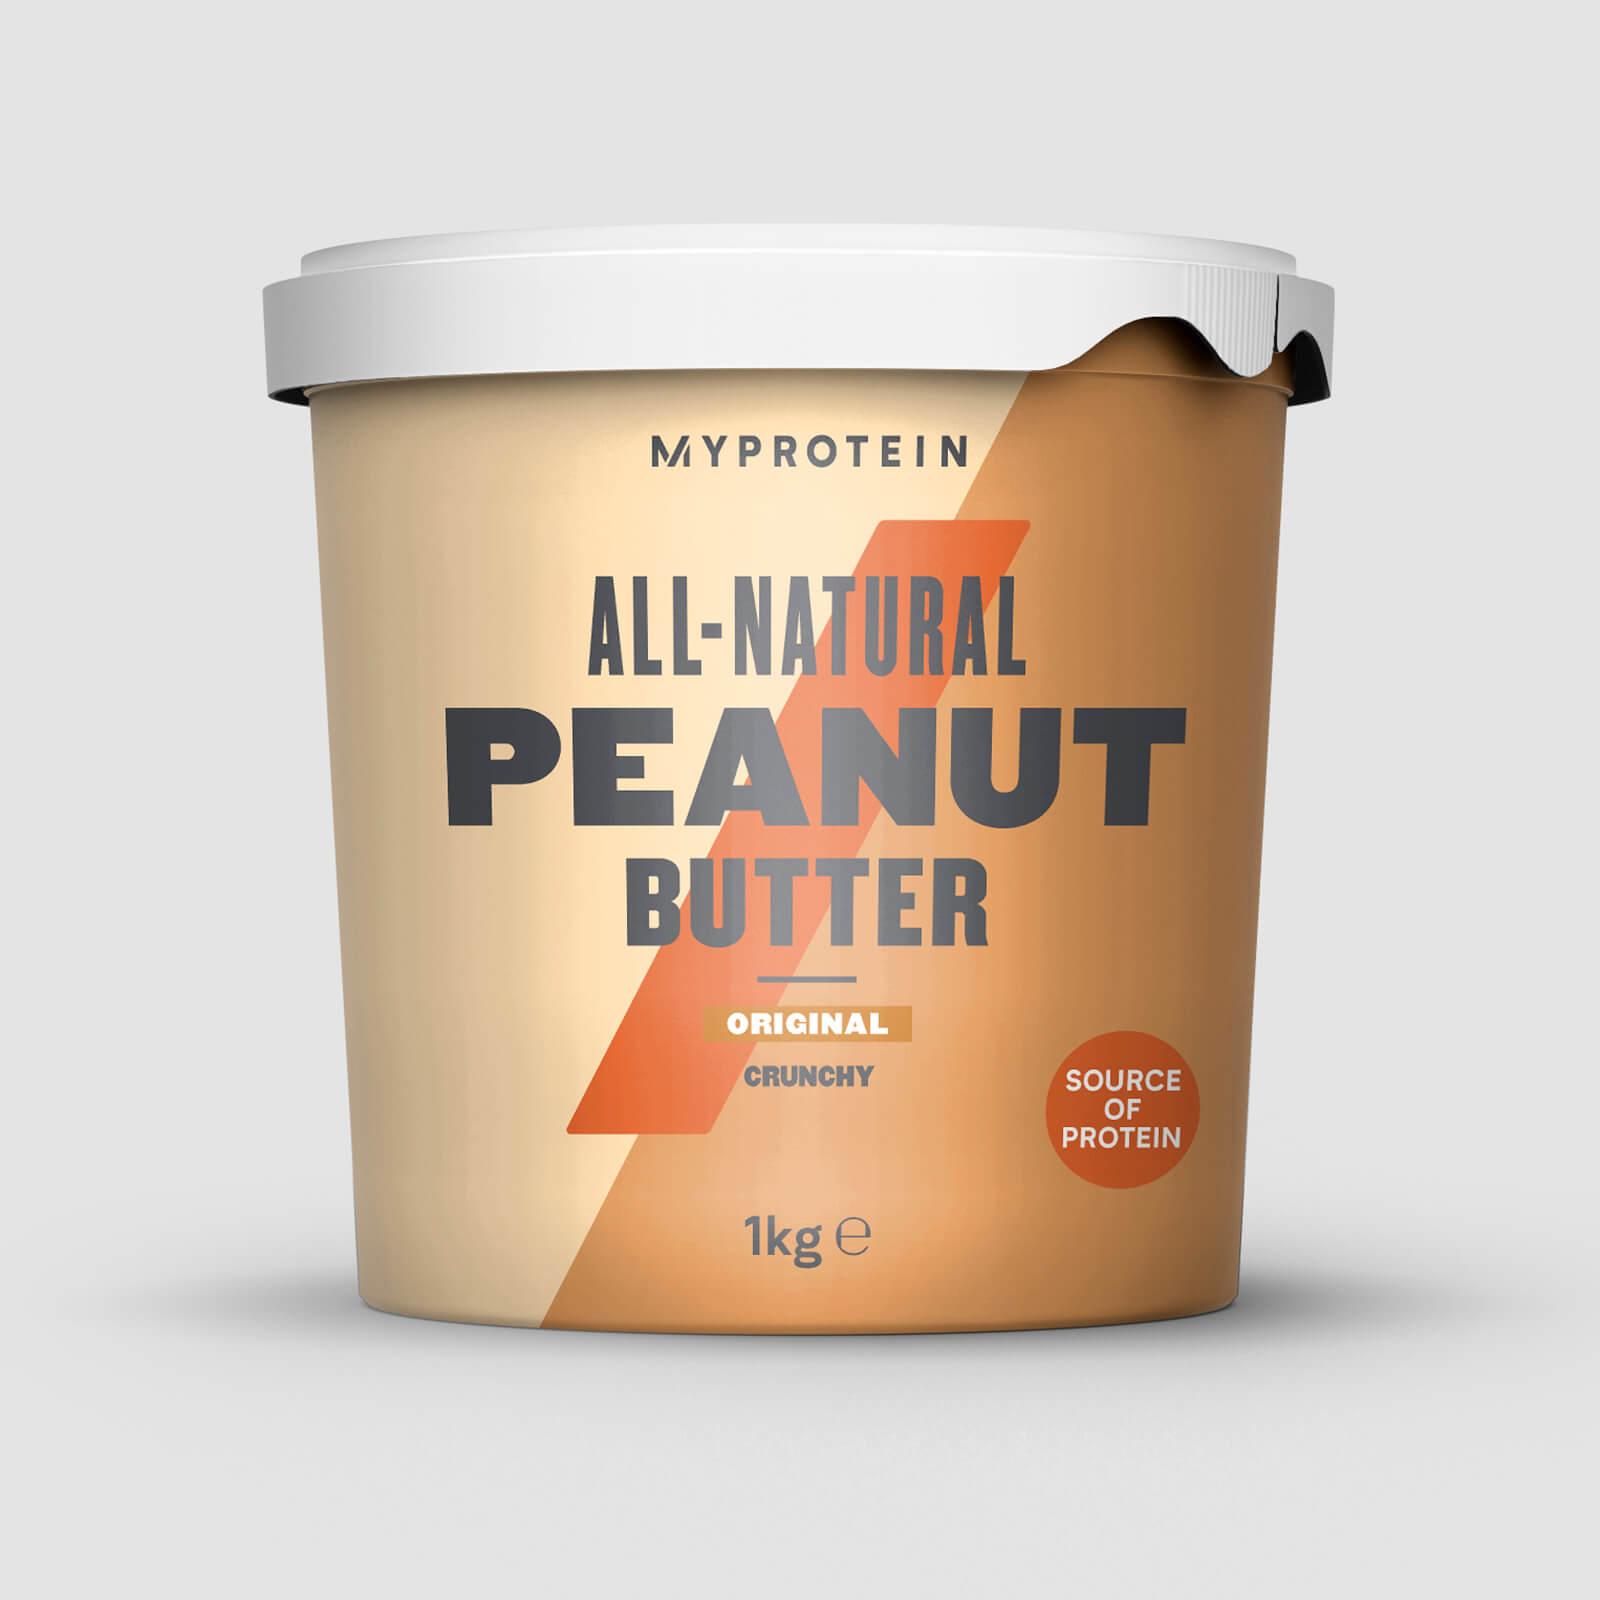 3kg Myprotein 100% Erdnussbutter Cremig oder Crunchy (4,68€/kg). Creatin Monohydrat (6,70€/kg). Versandkostenfrei.